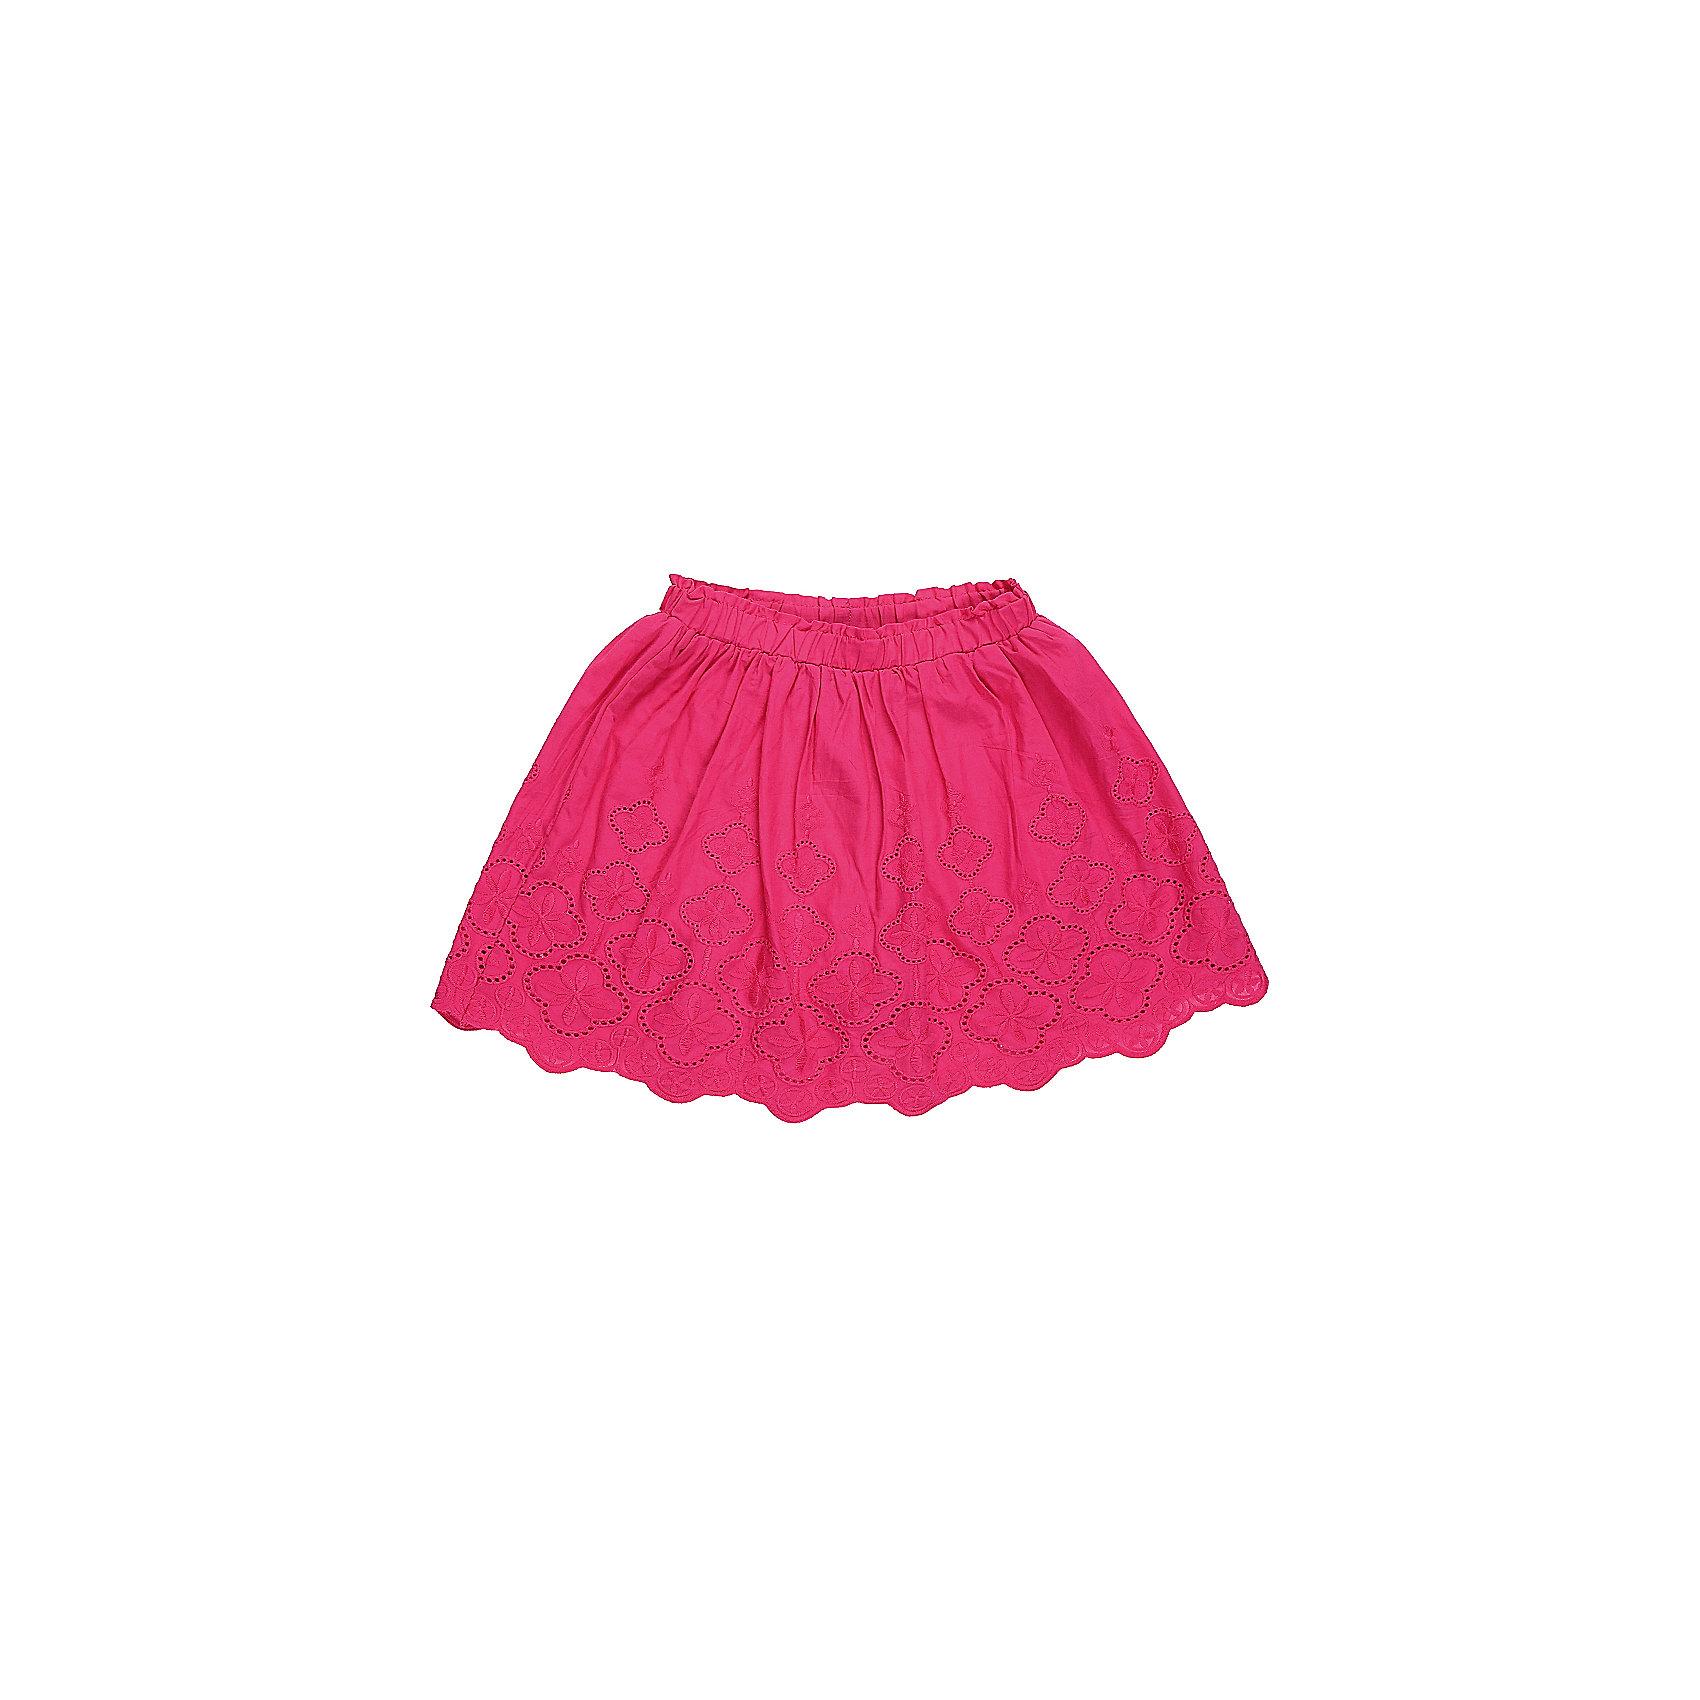 Юбка для девочки Sweet BerryЯркая текстильная юбочка для девочки декорированная по низу изделия оригинальной вышивкой. Эластичный мягкий пояс.<br>Состав:<br>Верх: 100% хлопок, Подкладка: 100%хлопок<br><br>Ширина мм: 207<br>Глубина мм: 10<br>Высота мм: 189<br>Вес г: 183<br>Цвет: фиолетовый<br>Возраст от месяцев: 60<br>Возраст до месяцев: 72<br>Пол: Женский<br>Возраст: Детский<br>Размер: 116,122,128,104,98,110<br>SKU: 5412555